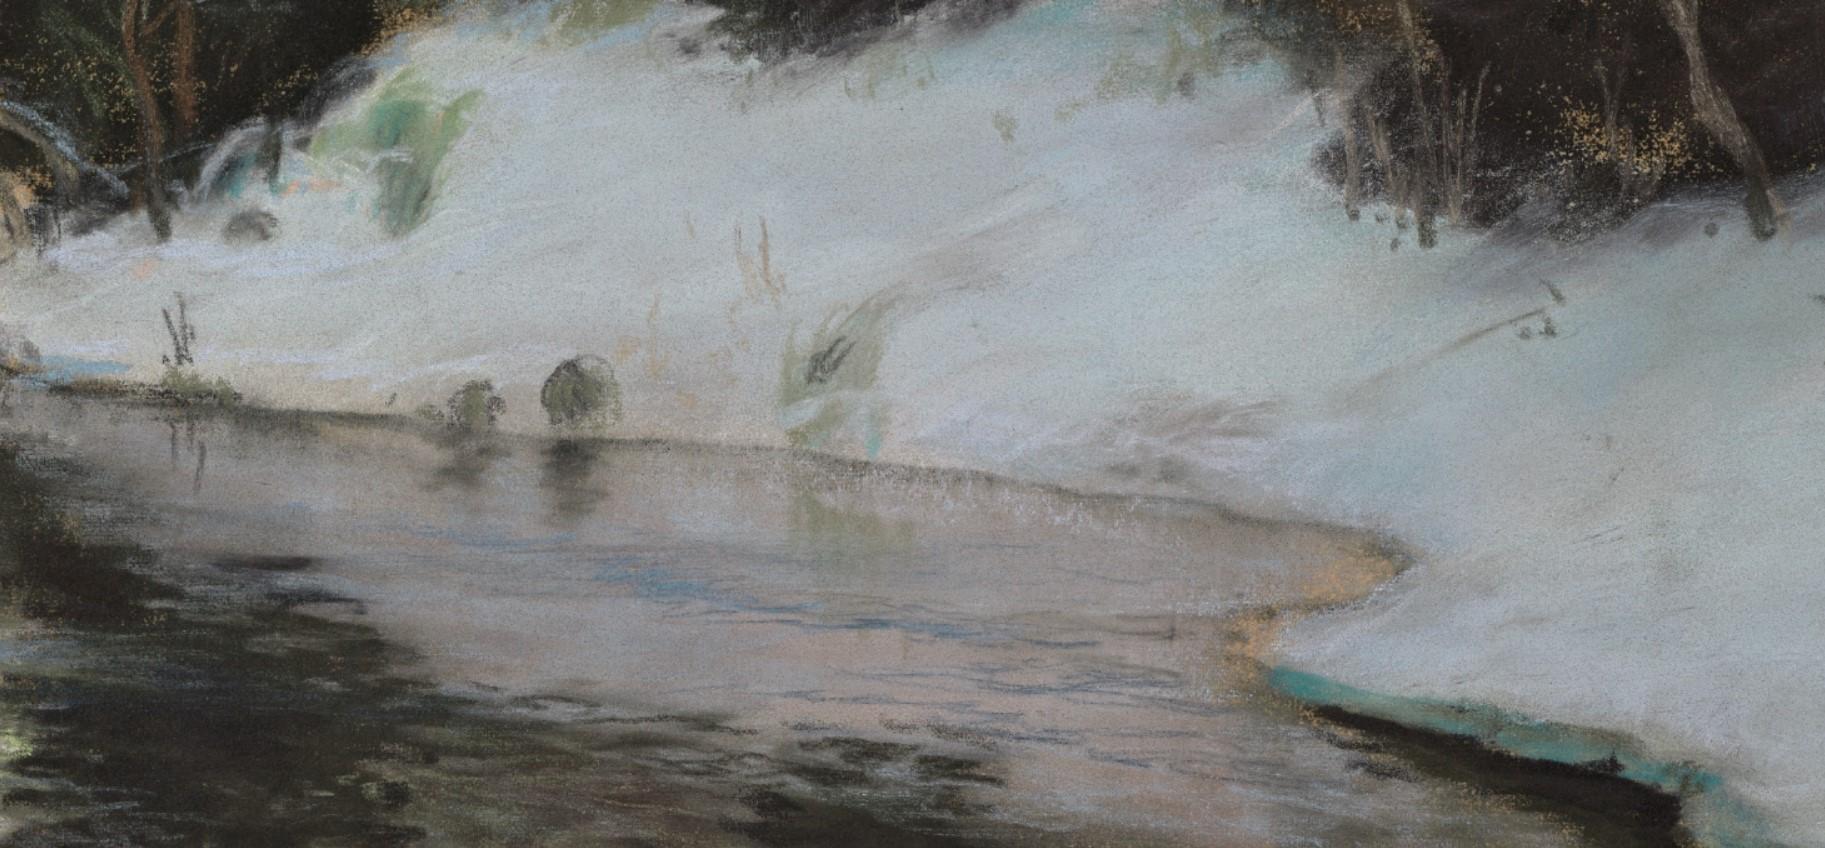 Таулов крупным планом details of Frits Thaulow Close-Up view пейзажи природы Альберт Сафиуллин